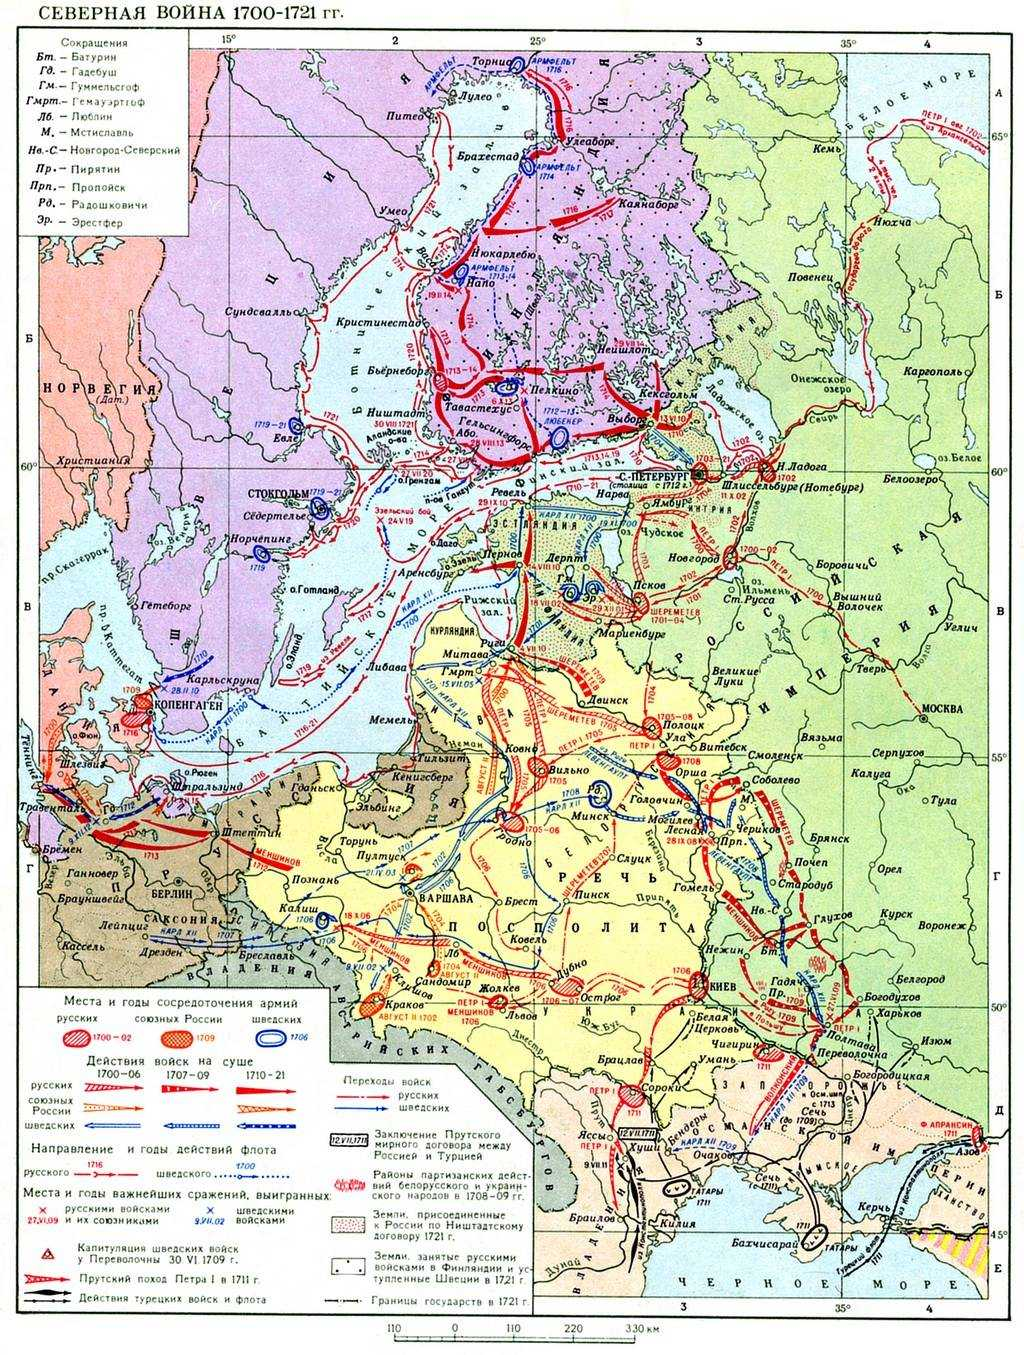 Северная война, Советская историческая энциклопедия, Е. М. Жуков